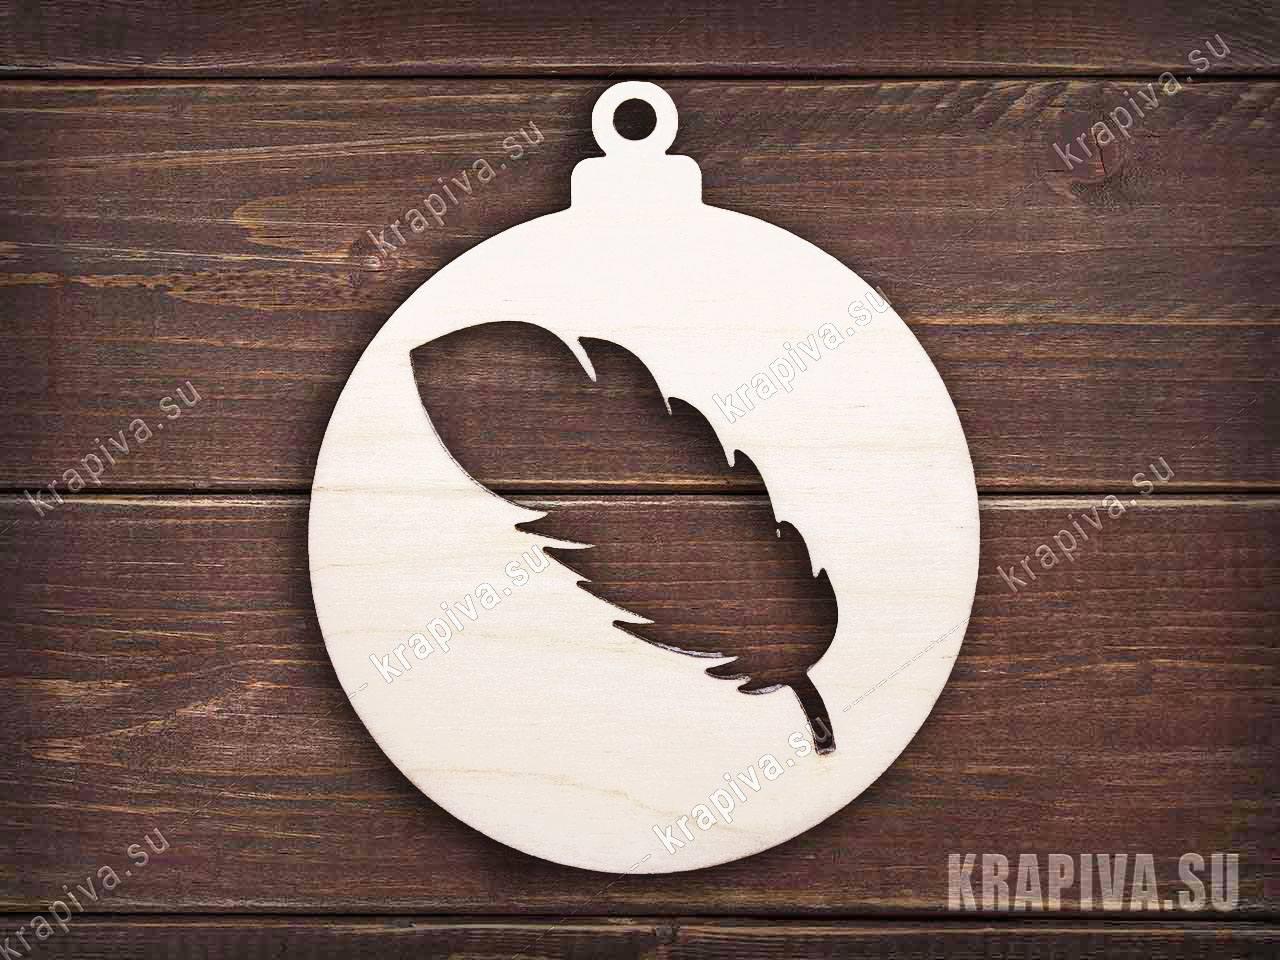 Заготовка елочной игрушки шар с пером №1 за 30 руб. в магазине Крапива (krapiva.su) (фото)